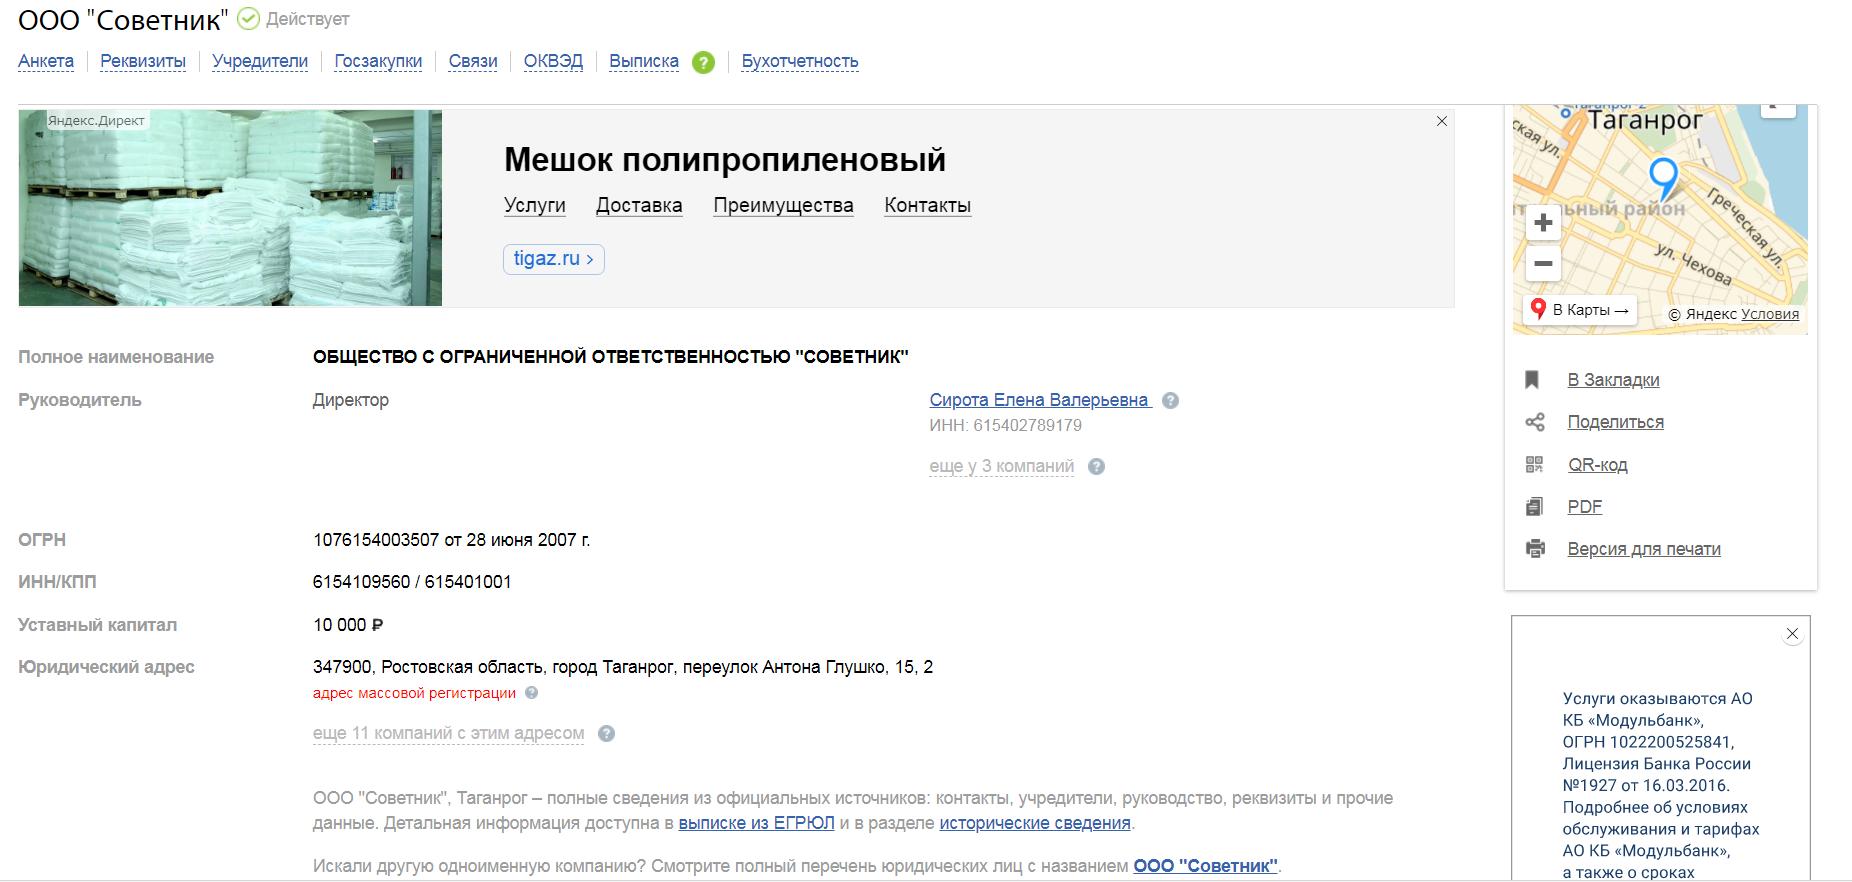 Регистрации ип таганрог регистрация ооо единственным участником